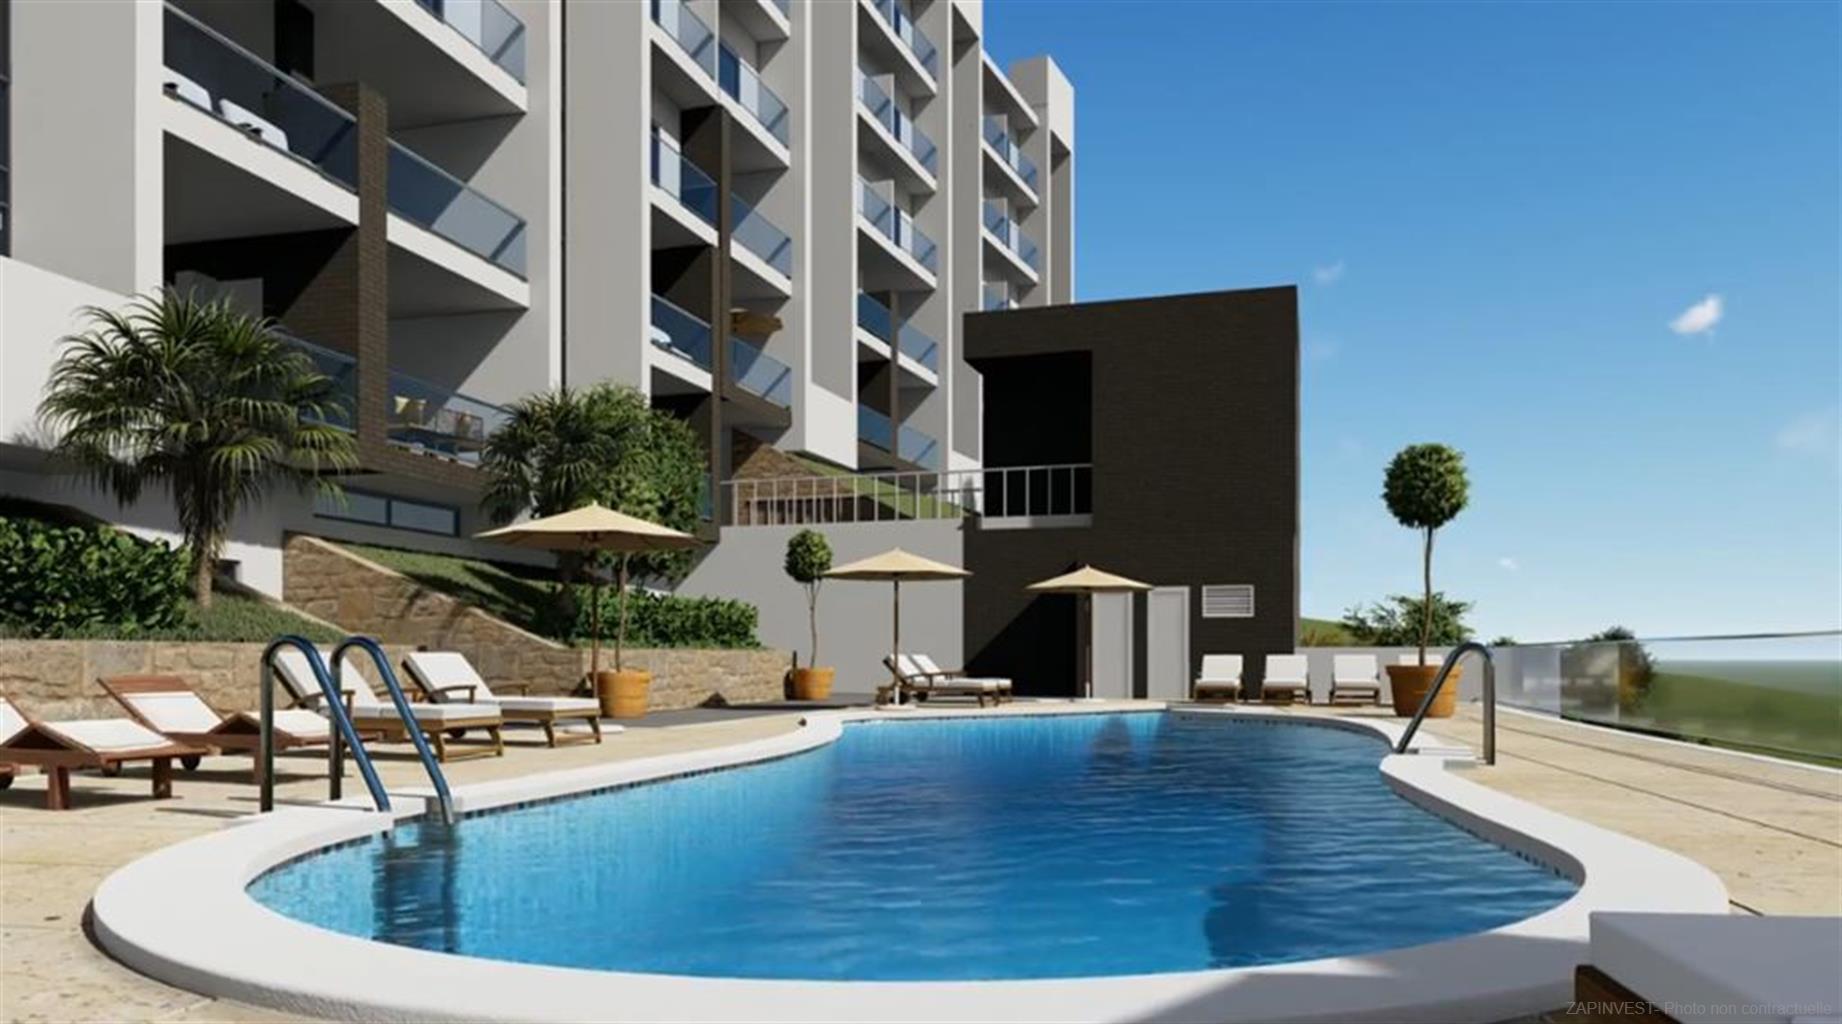 Aanbieding van 48 appartementen van twee en drie slaapkamers, een paar meter van een golfbaan, strand en de haven van La Duquesa. Residentie met gemeenschappelijk zwembad, tuinen en fitnessruimte.